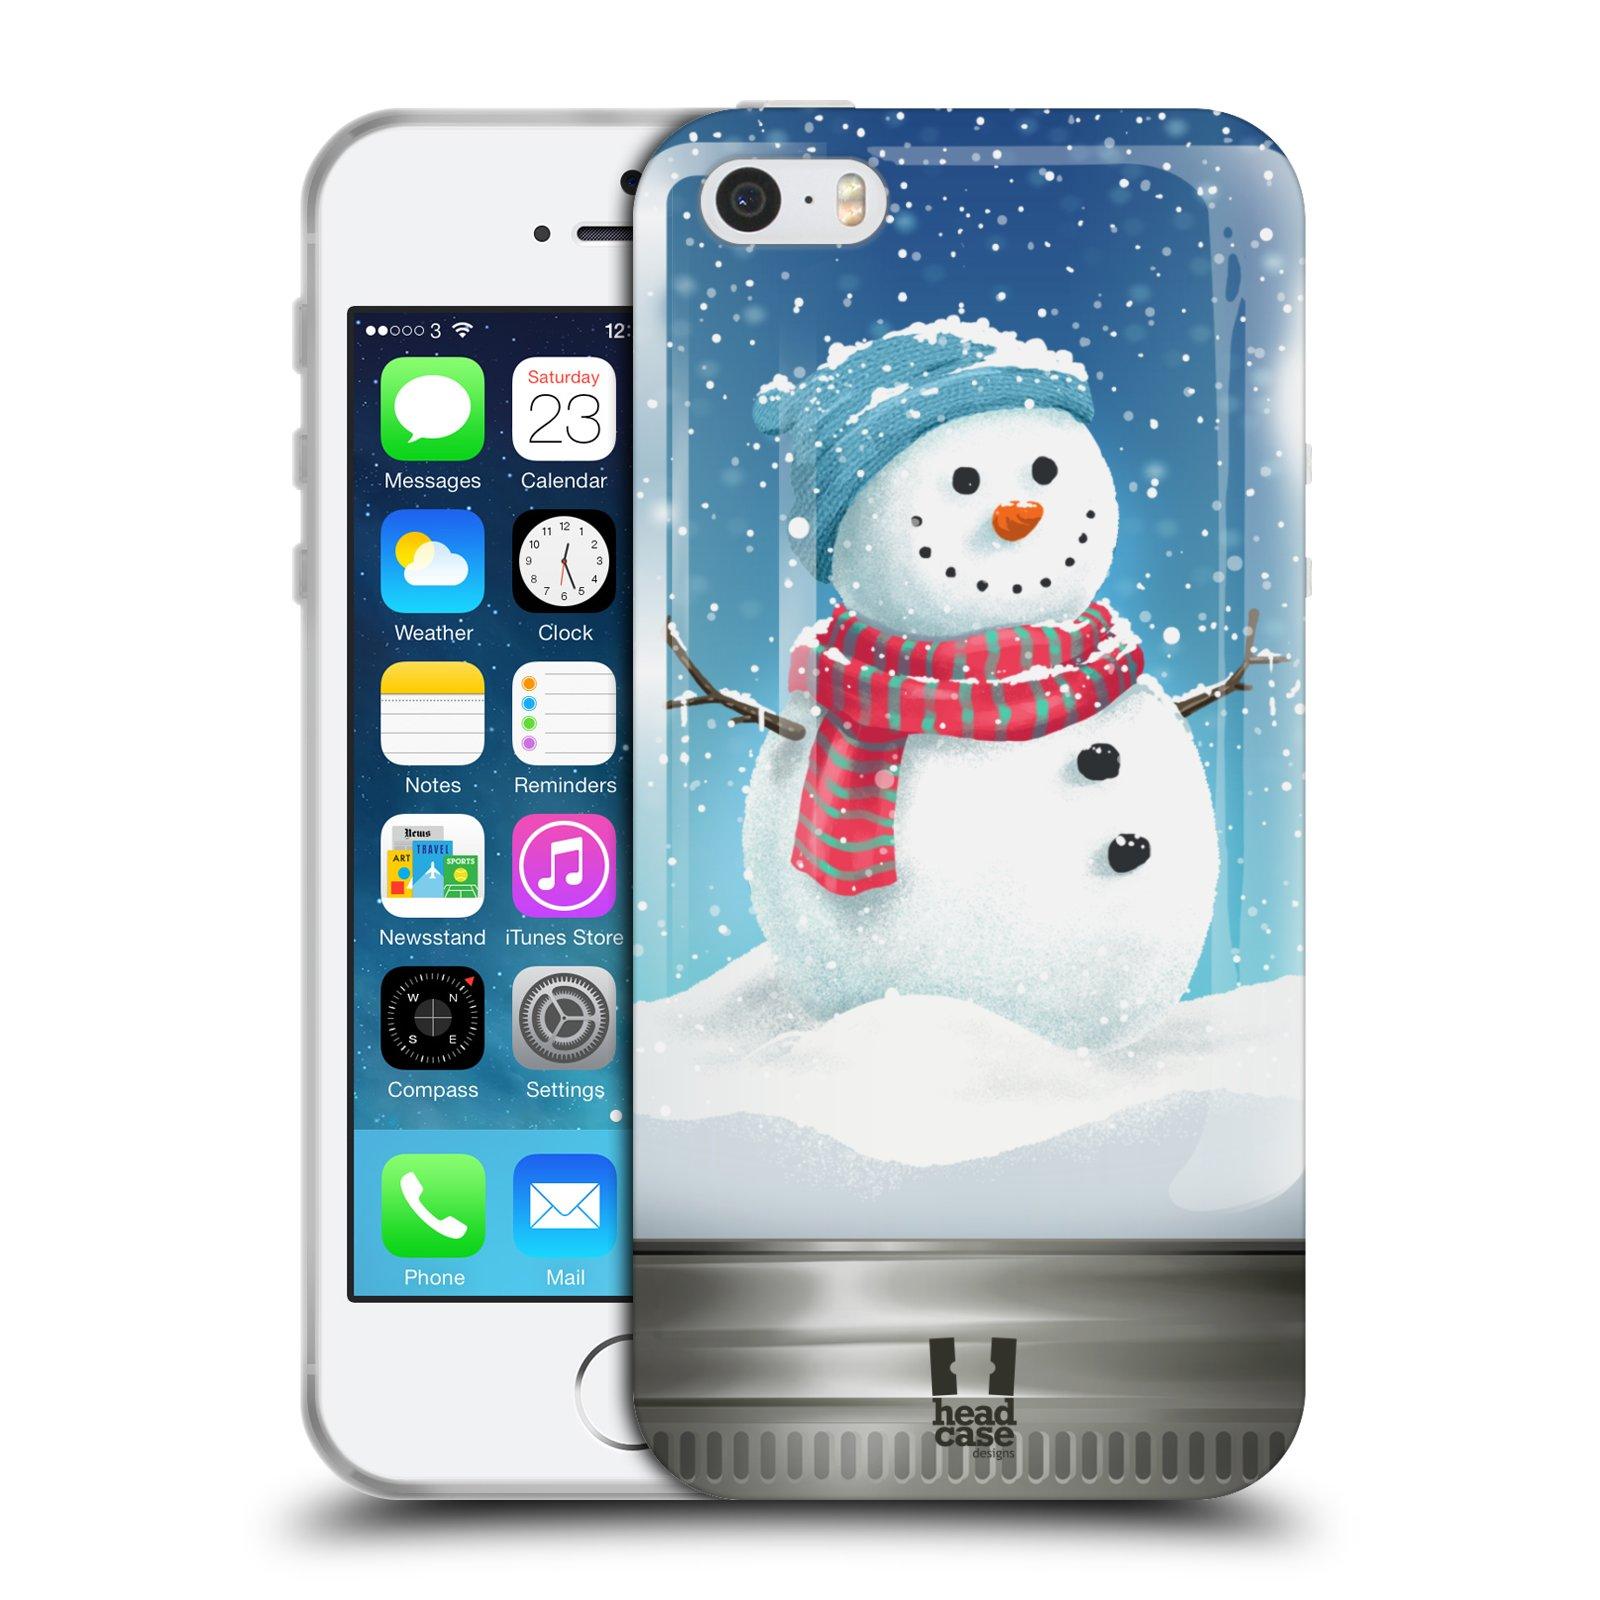 HEAD CASE silikonový obal na mobil Apple Iphone 5/5S vzor Vánoce v těžítku SNĚHULÁK